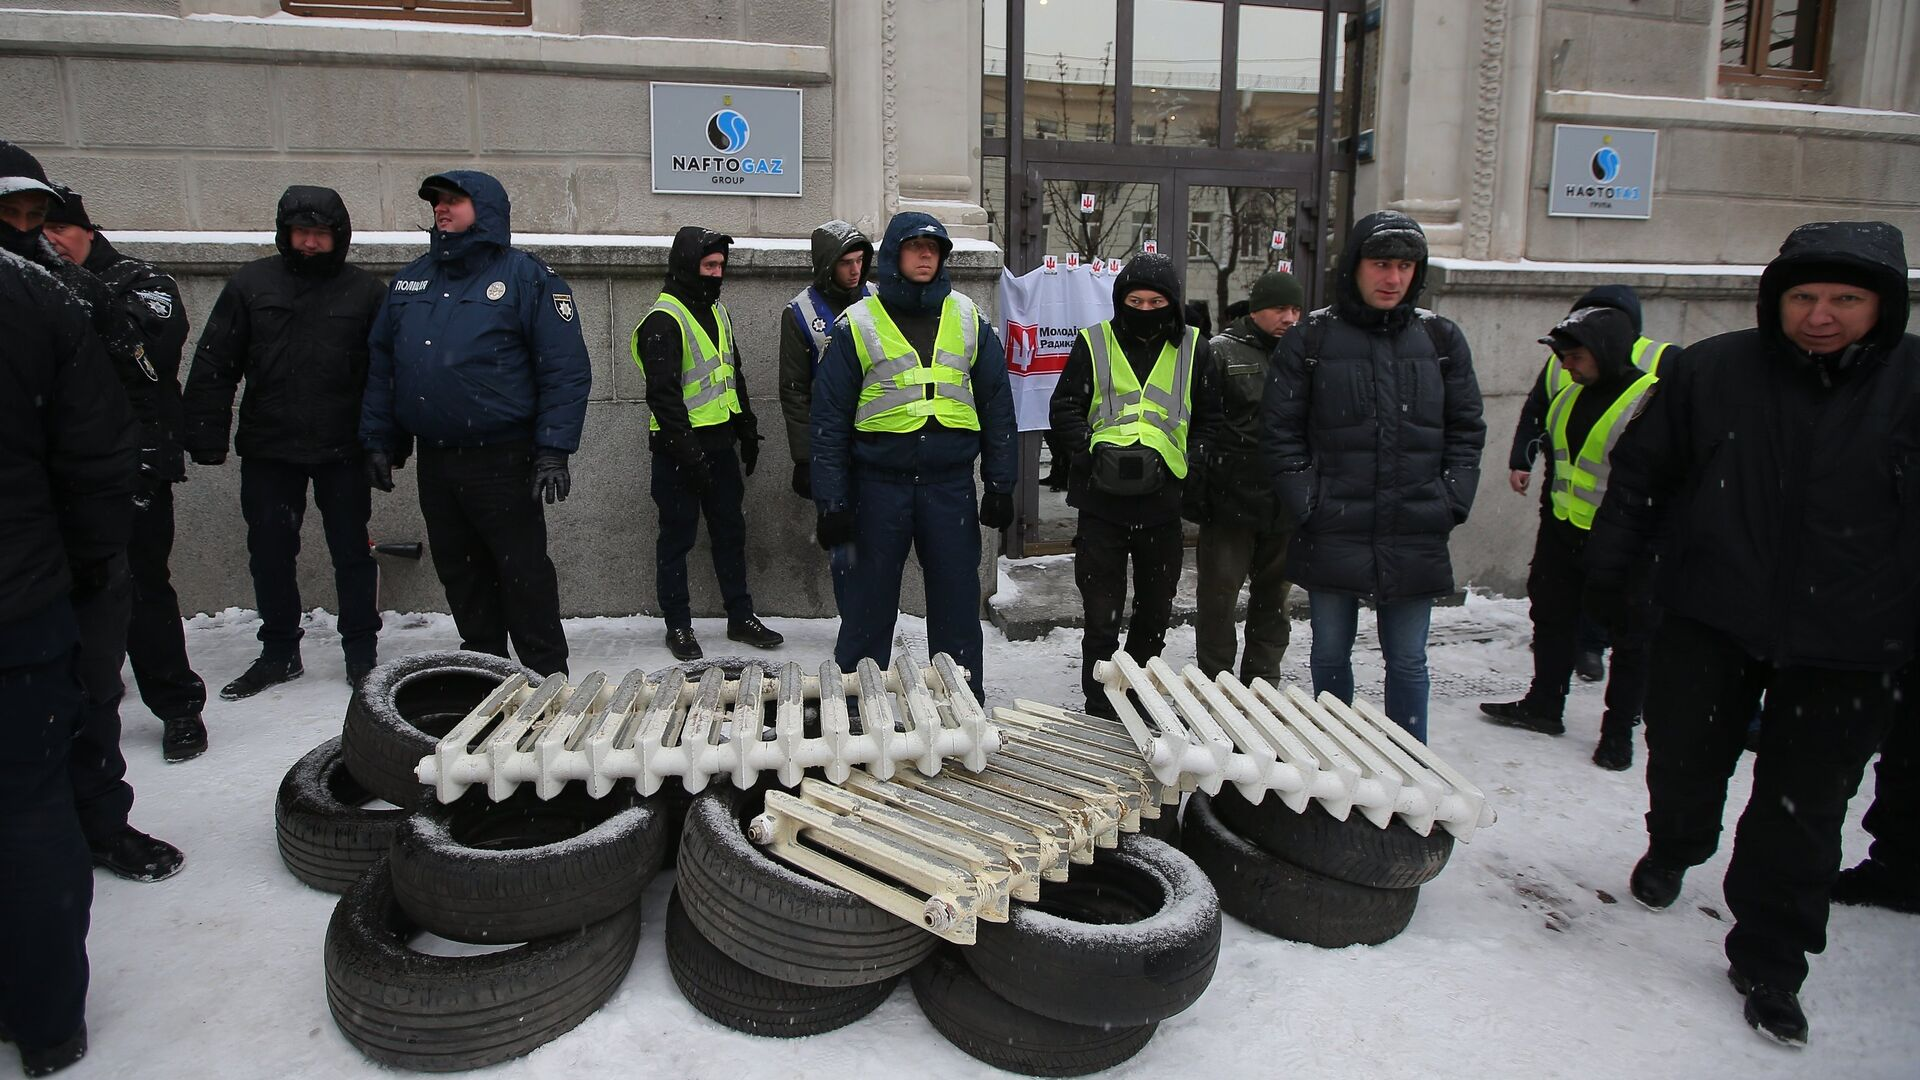 Акция с требованием включить отопление в городах Украины у здания компании Нафтогаз в Киеве - РИА Новости, 1920, 25.10.2020